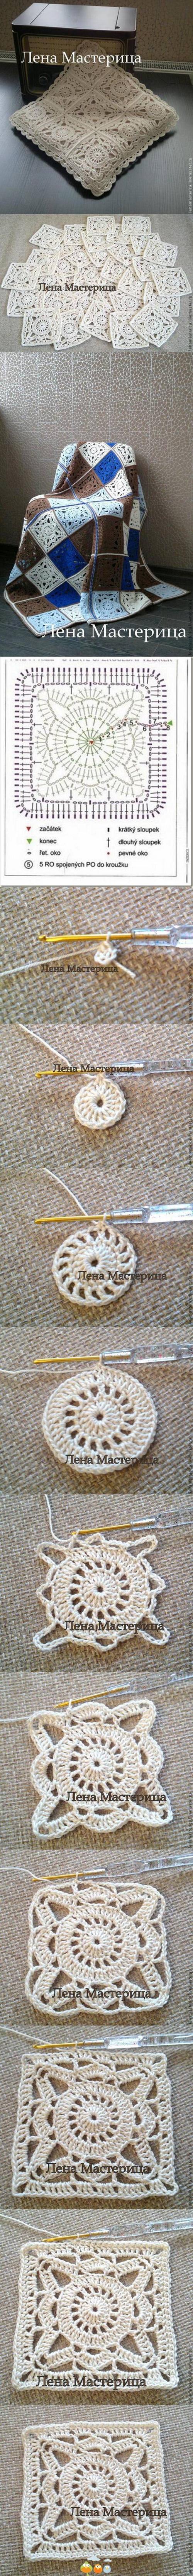 Crochet Lace Square Motif Blanket.